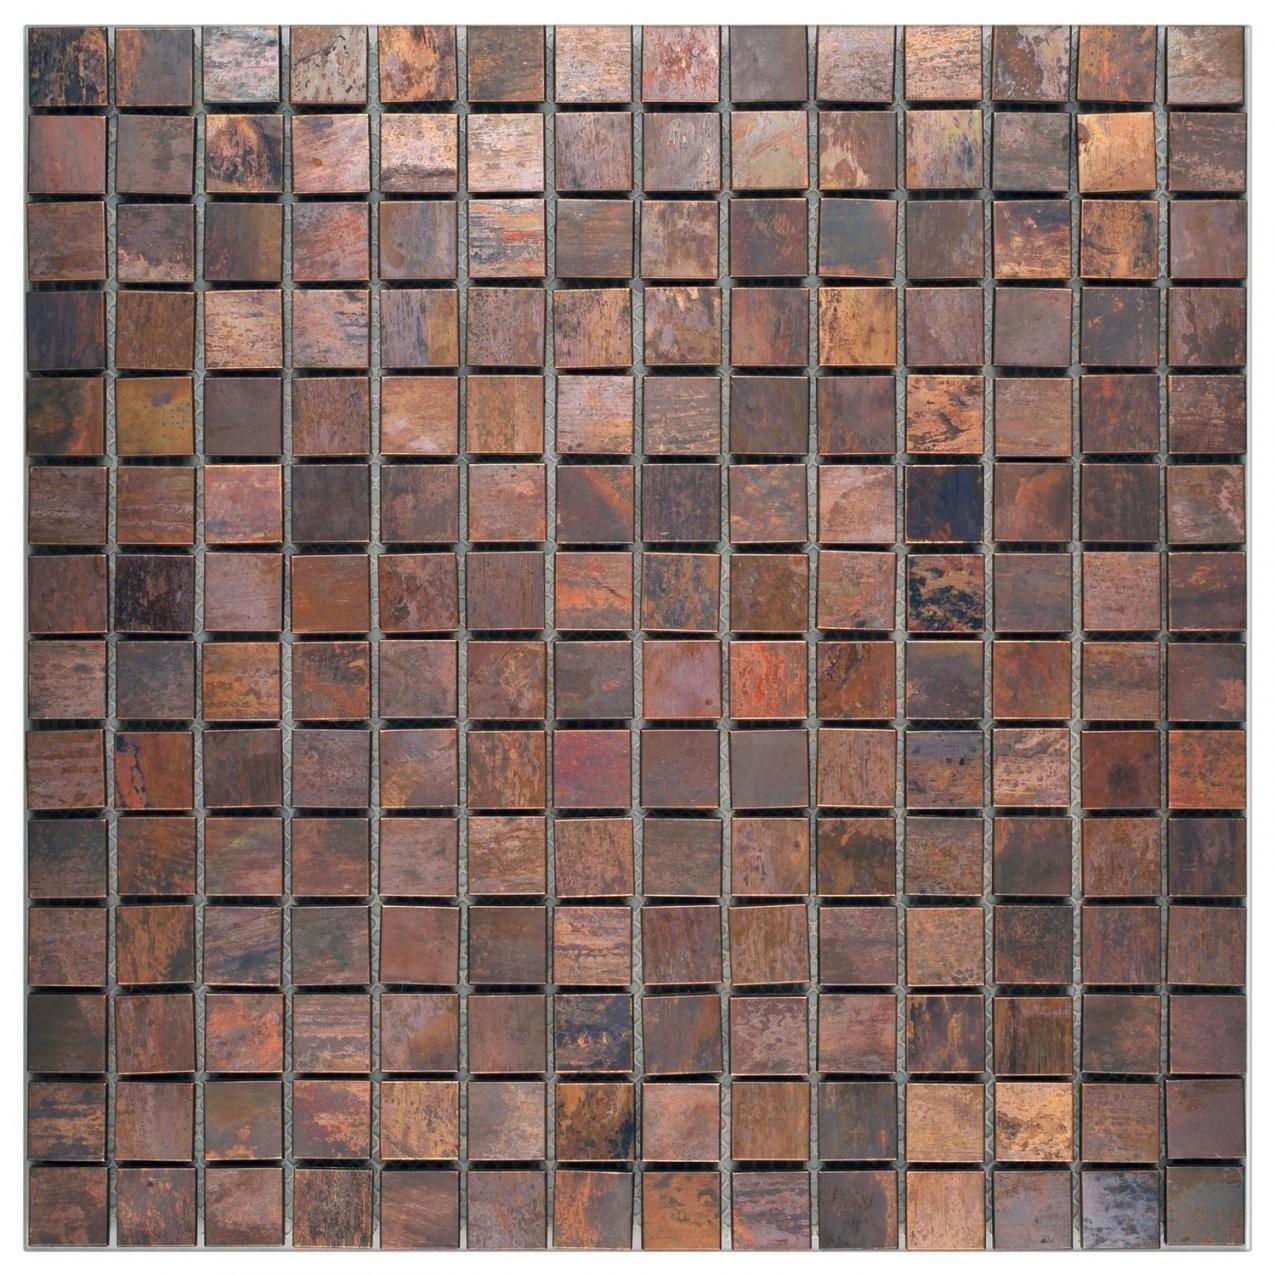 Mosaikfliesen Kaufen Bei Obi von Mosaik Fliesen Obi Bild